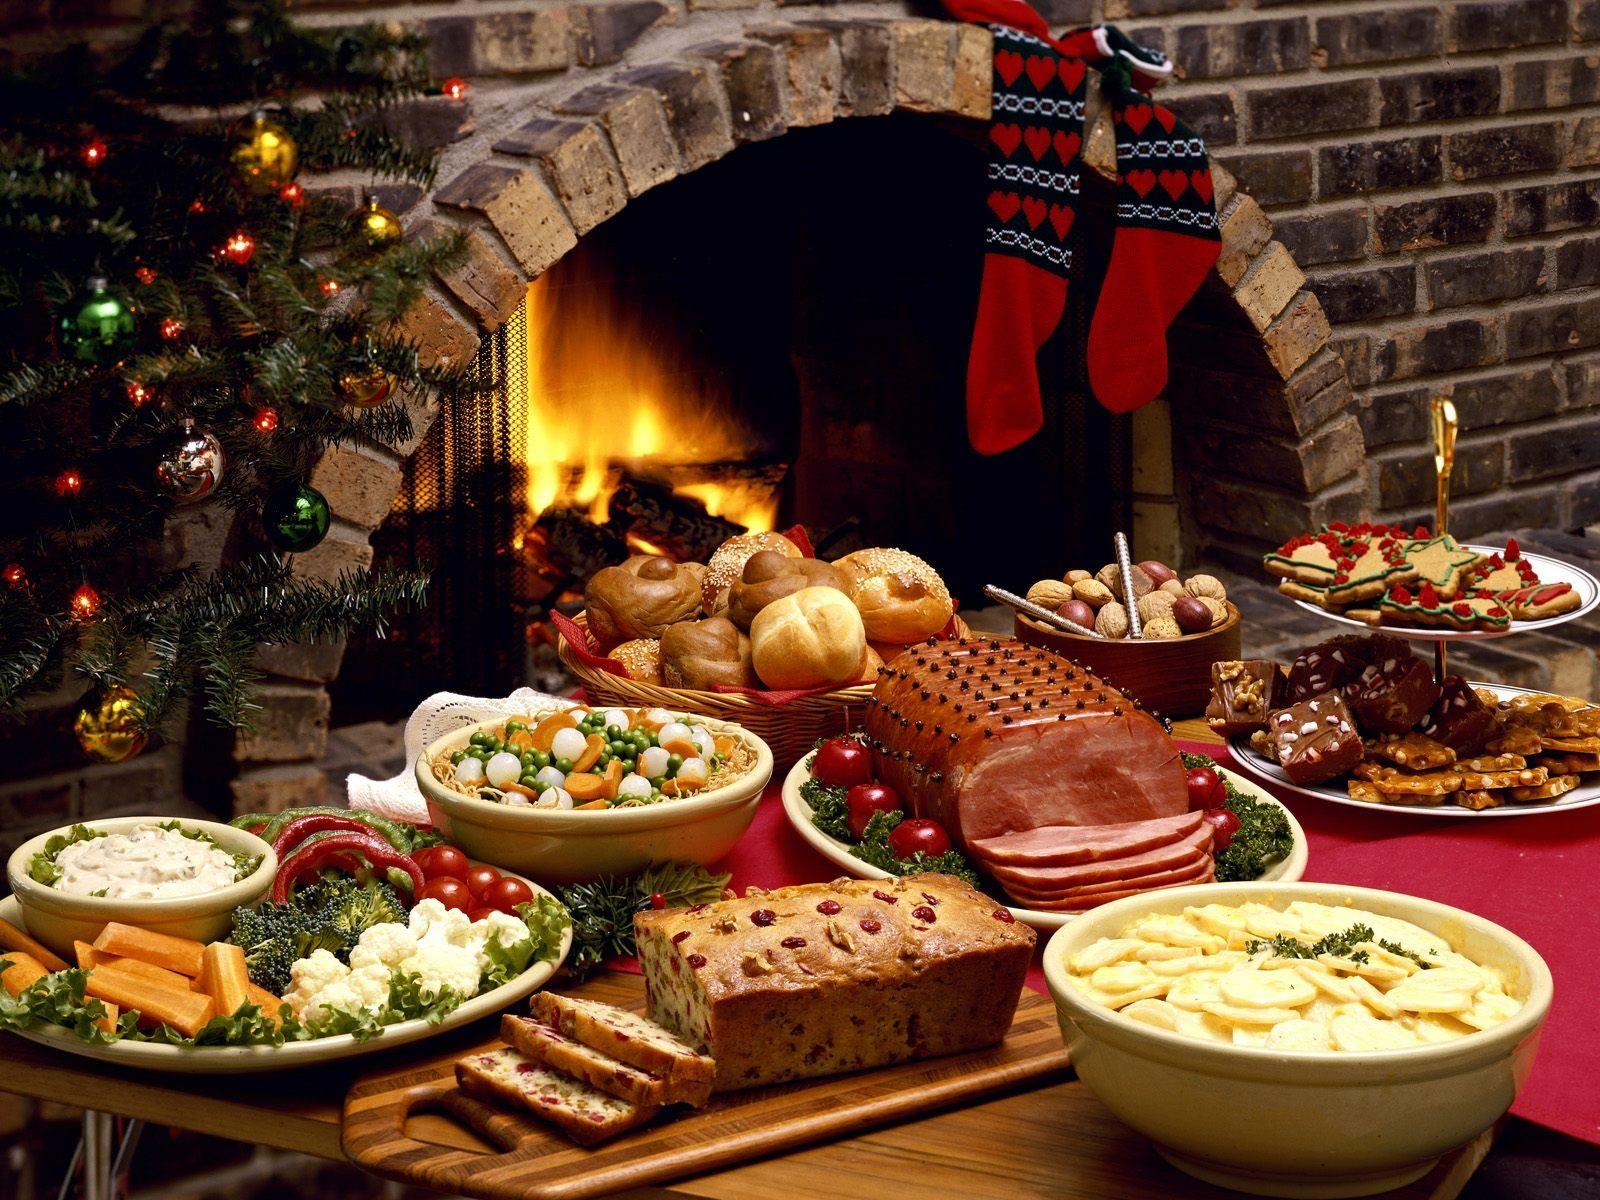 Christmas Table Buffet Christmas Dishes Christmas Tableware Christmas Party Food